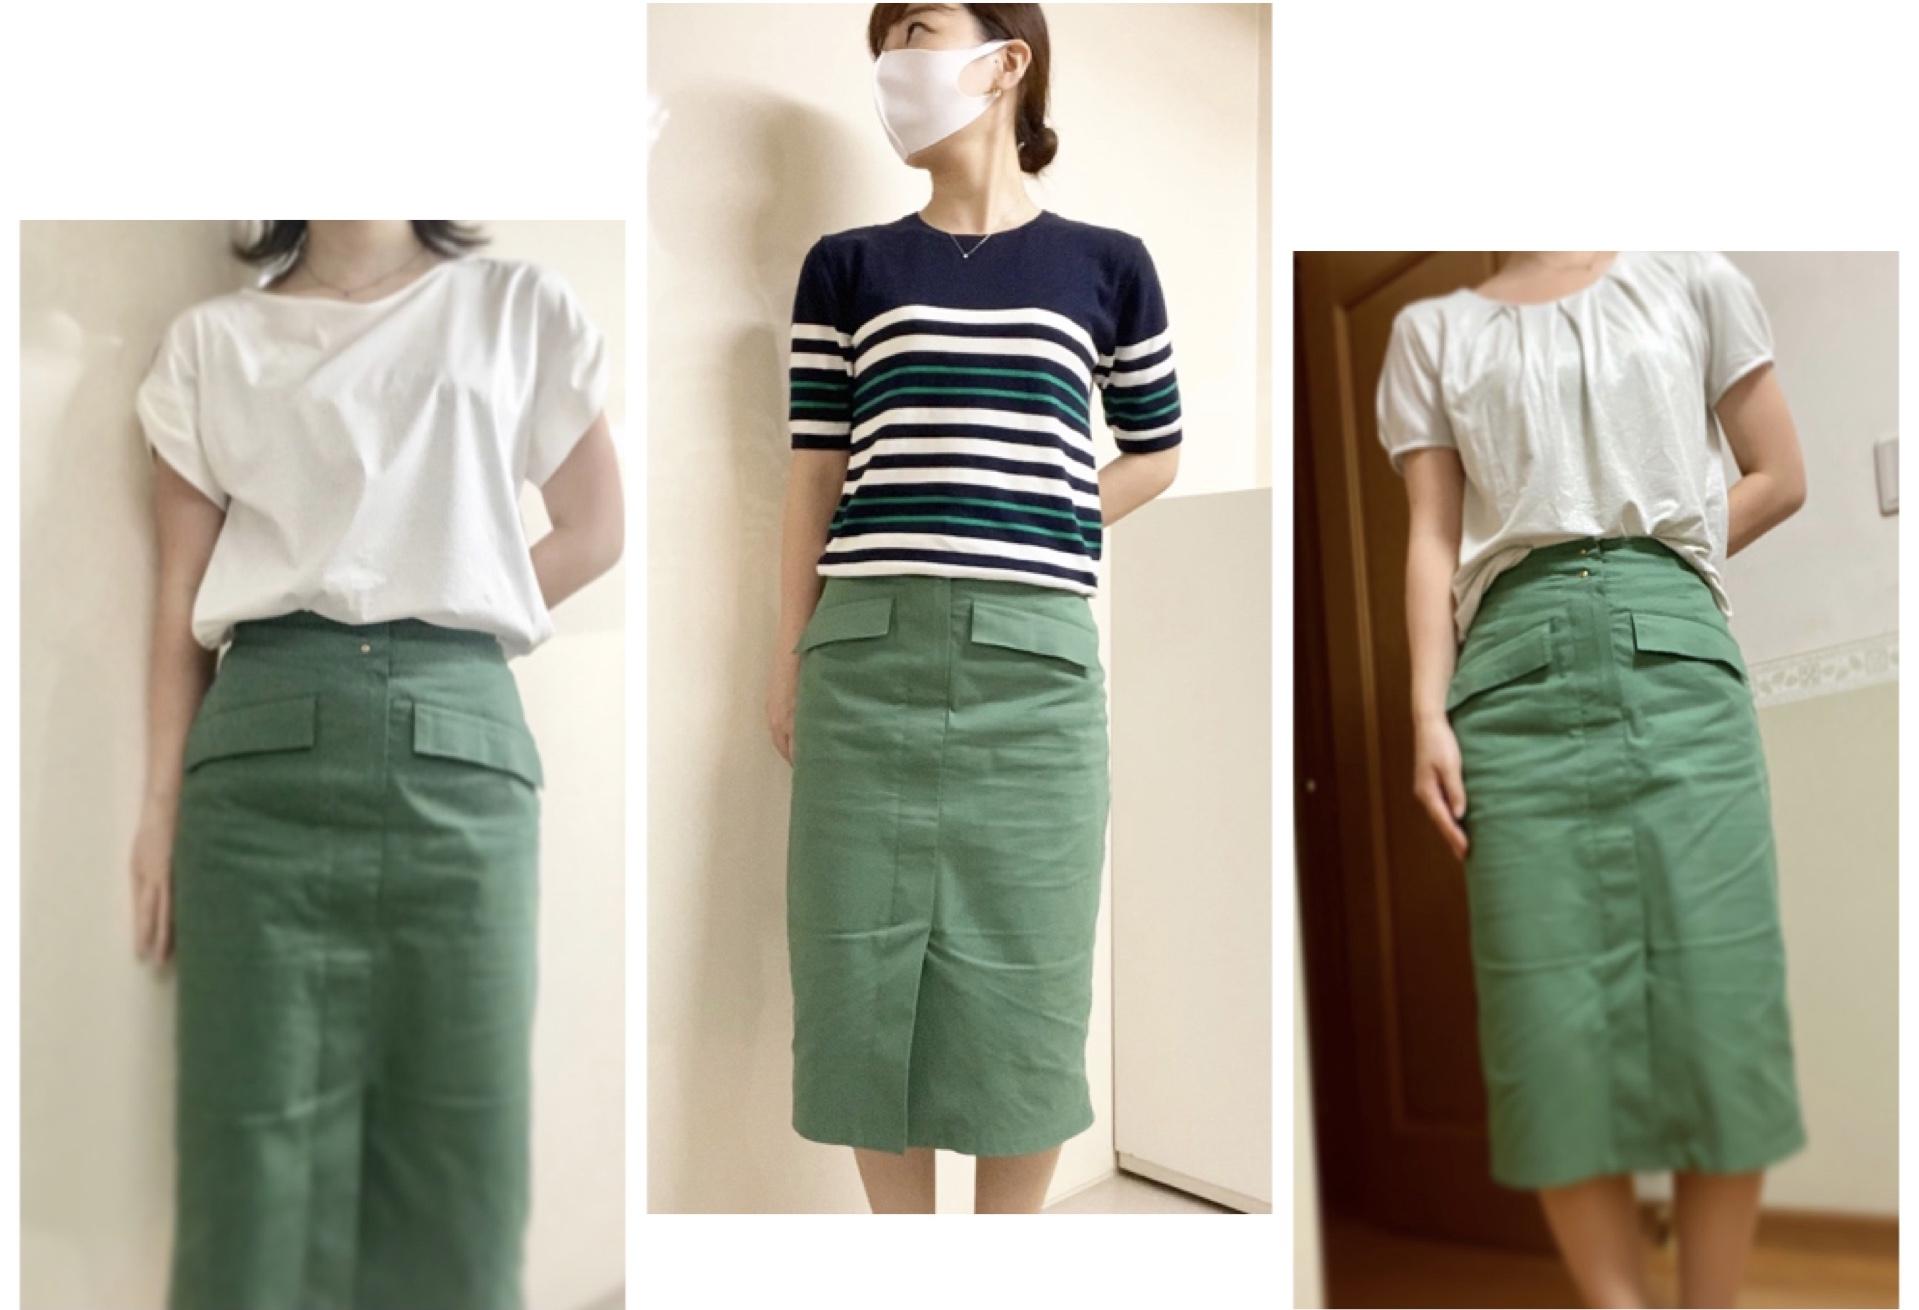 【オフィスコーデ】グリーンスカートでツクる3変化_1